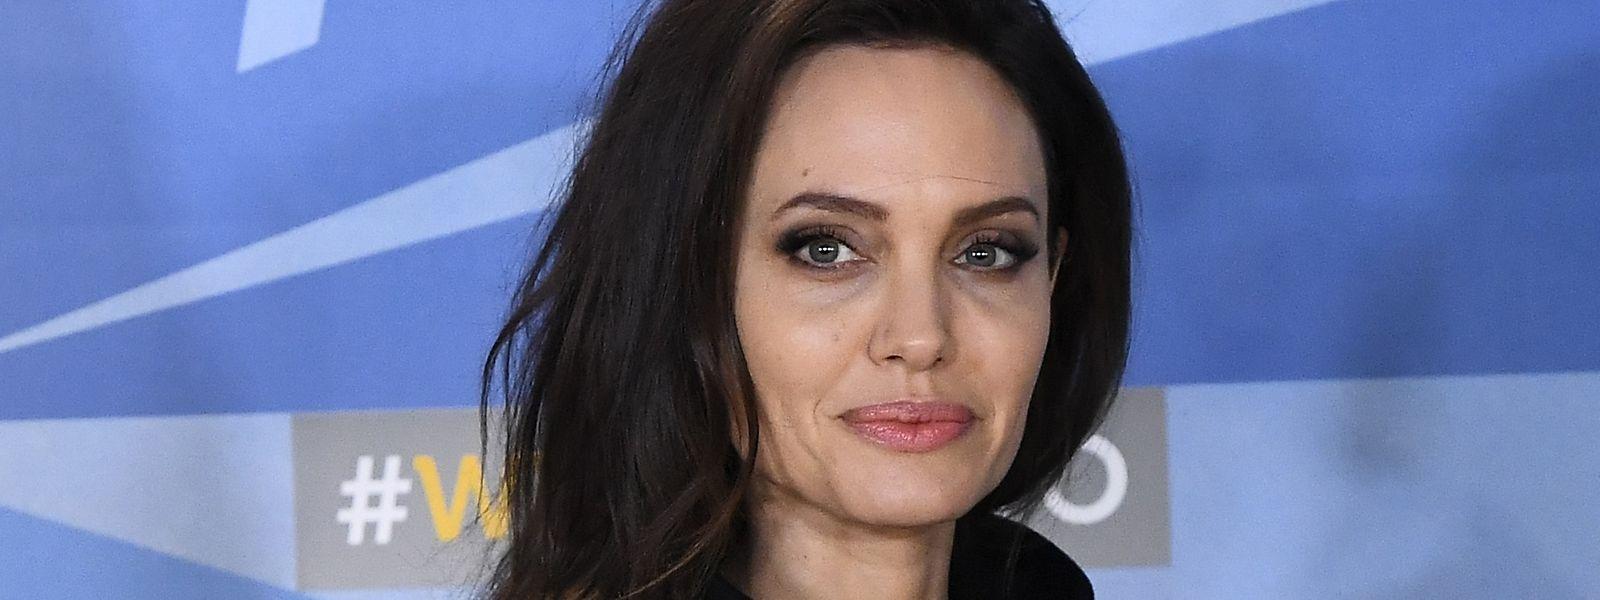 Schauspielerin Angelina Jolie hat mit einer Spende zwei Grundschüler aus London überrascht.